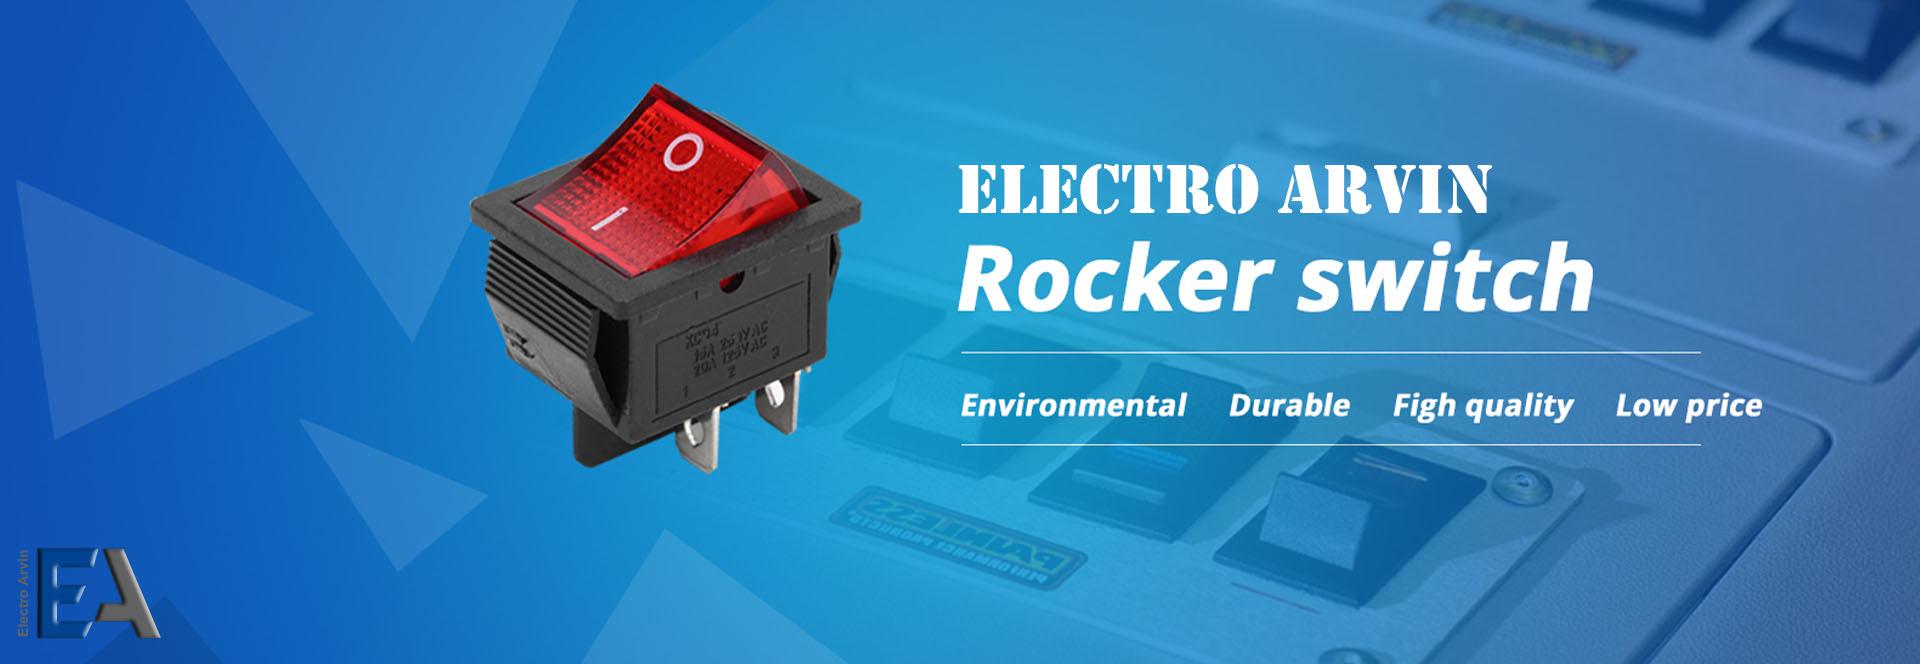 فروش-ویژه-نواع-کلید-راکر-کلید-تاگل-کلید-الاکلنکی-کلید-های-صنعتی